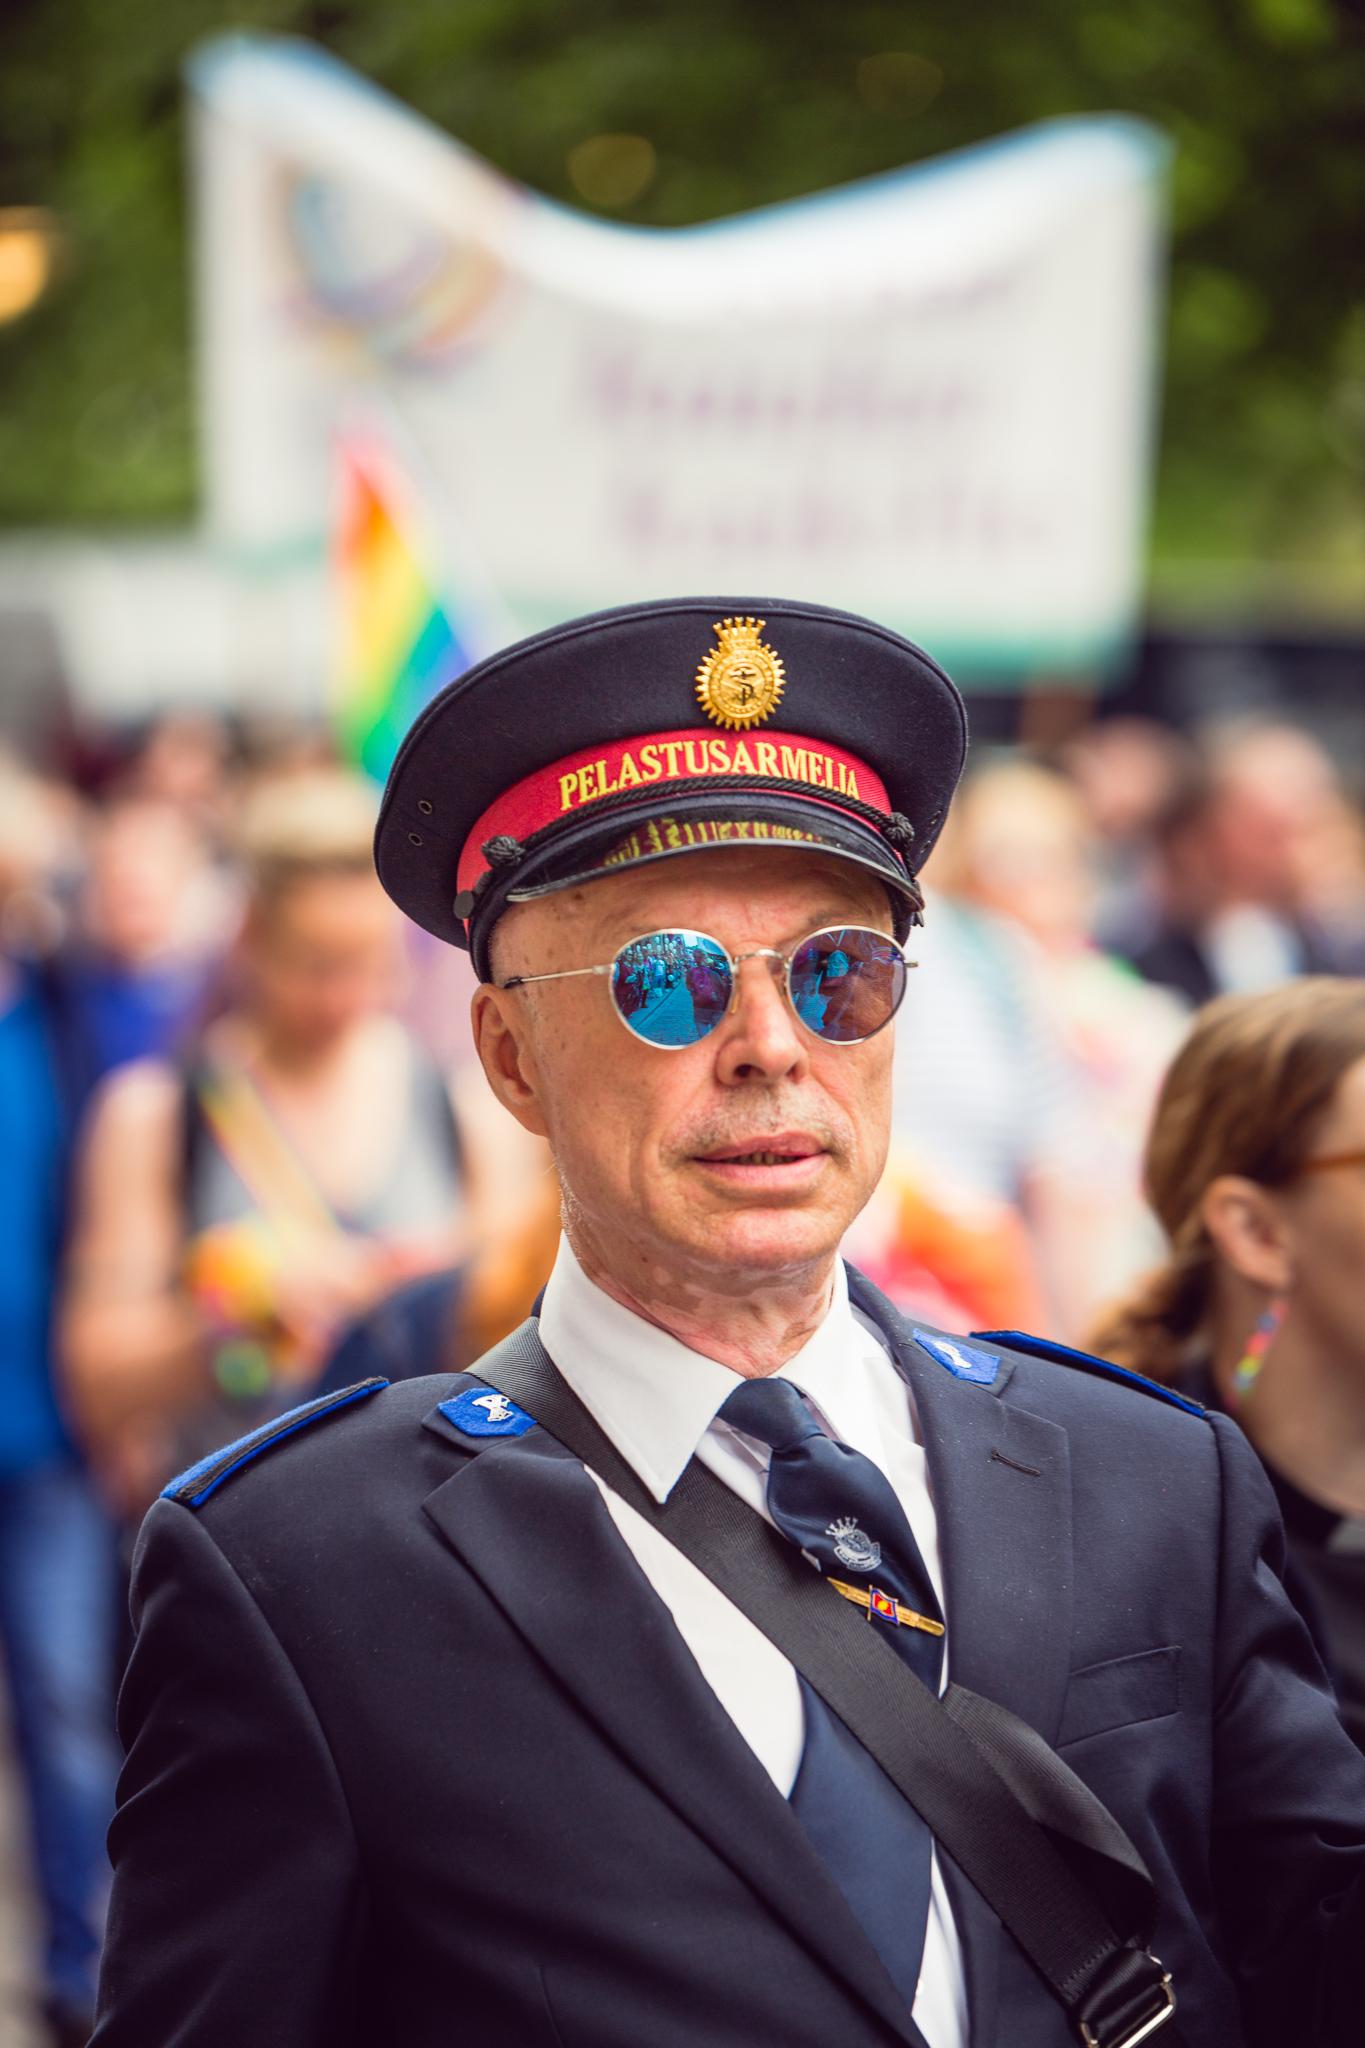 Helsinki Pride 2019-16.jpg